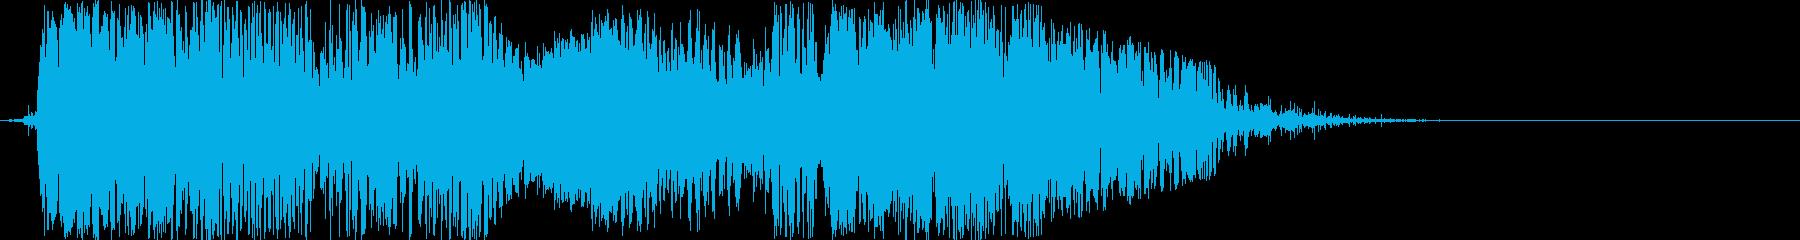 ジジジジジ!感電の時の効果音 電撃の再生済みの波形